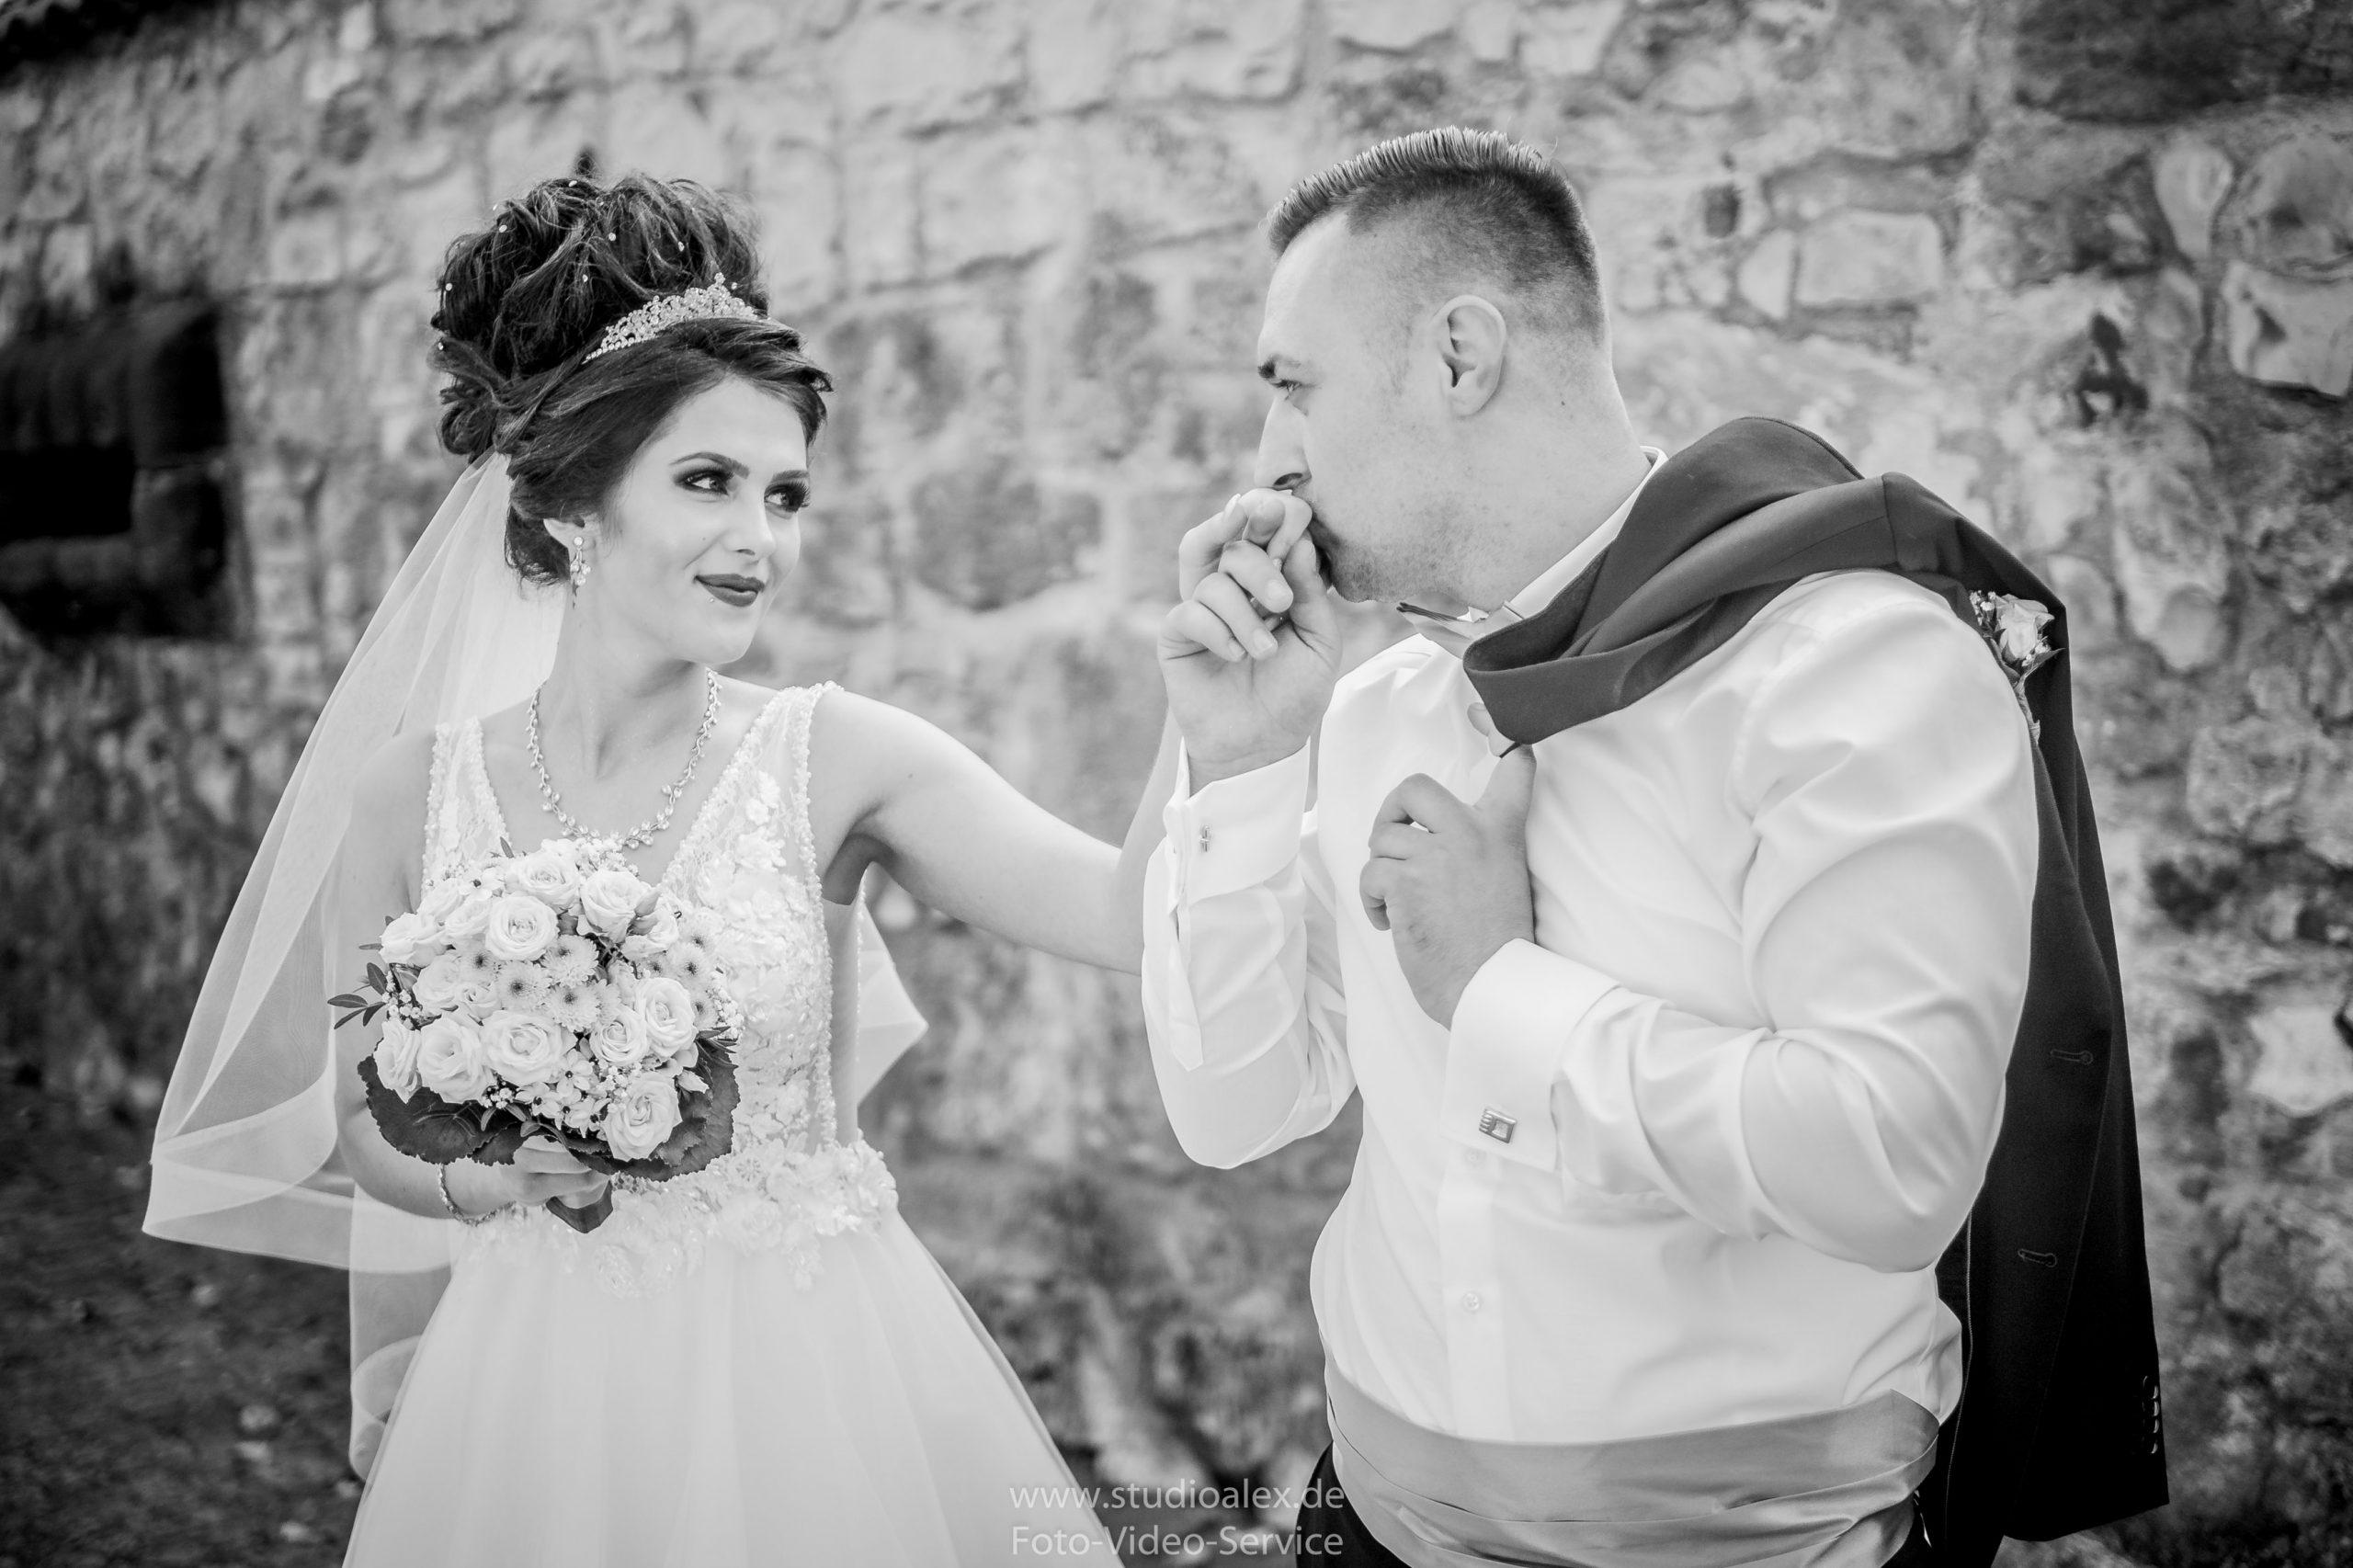 Hochzeitsfotograf-Amberg-Hochzeitsfotografie-Amberg-Hochzeitsfotos-Amberg-Hochzeitsbilder-Amberg-Fotograf-Hochzeit-Amberg-06314-scaled.jpg